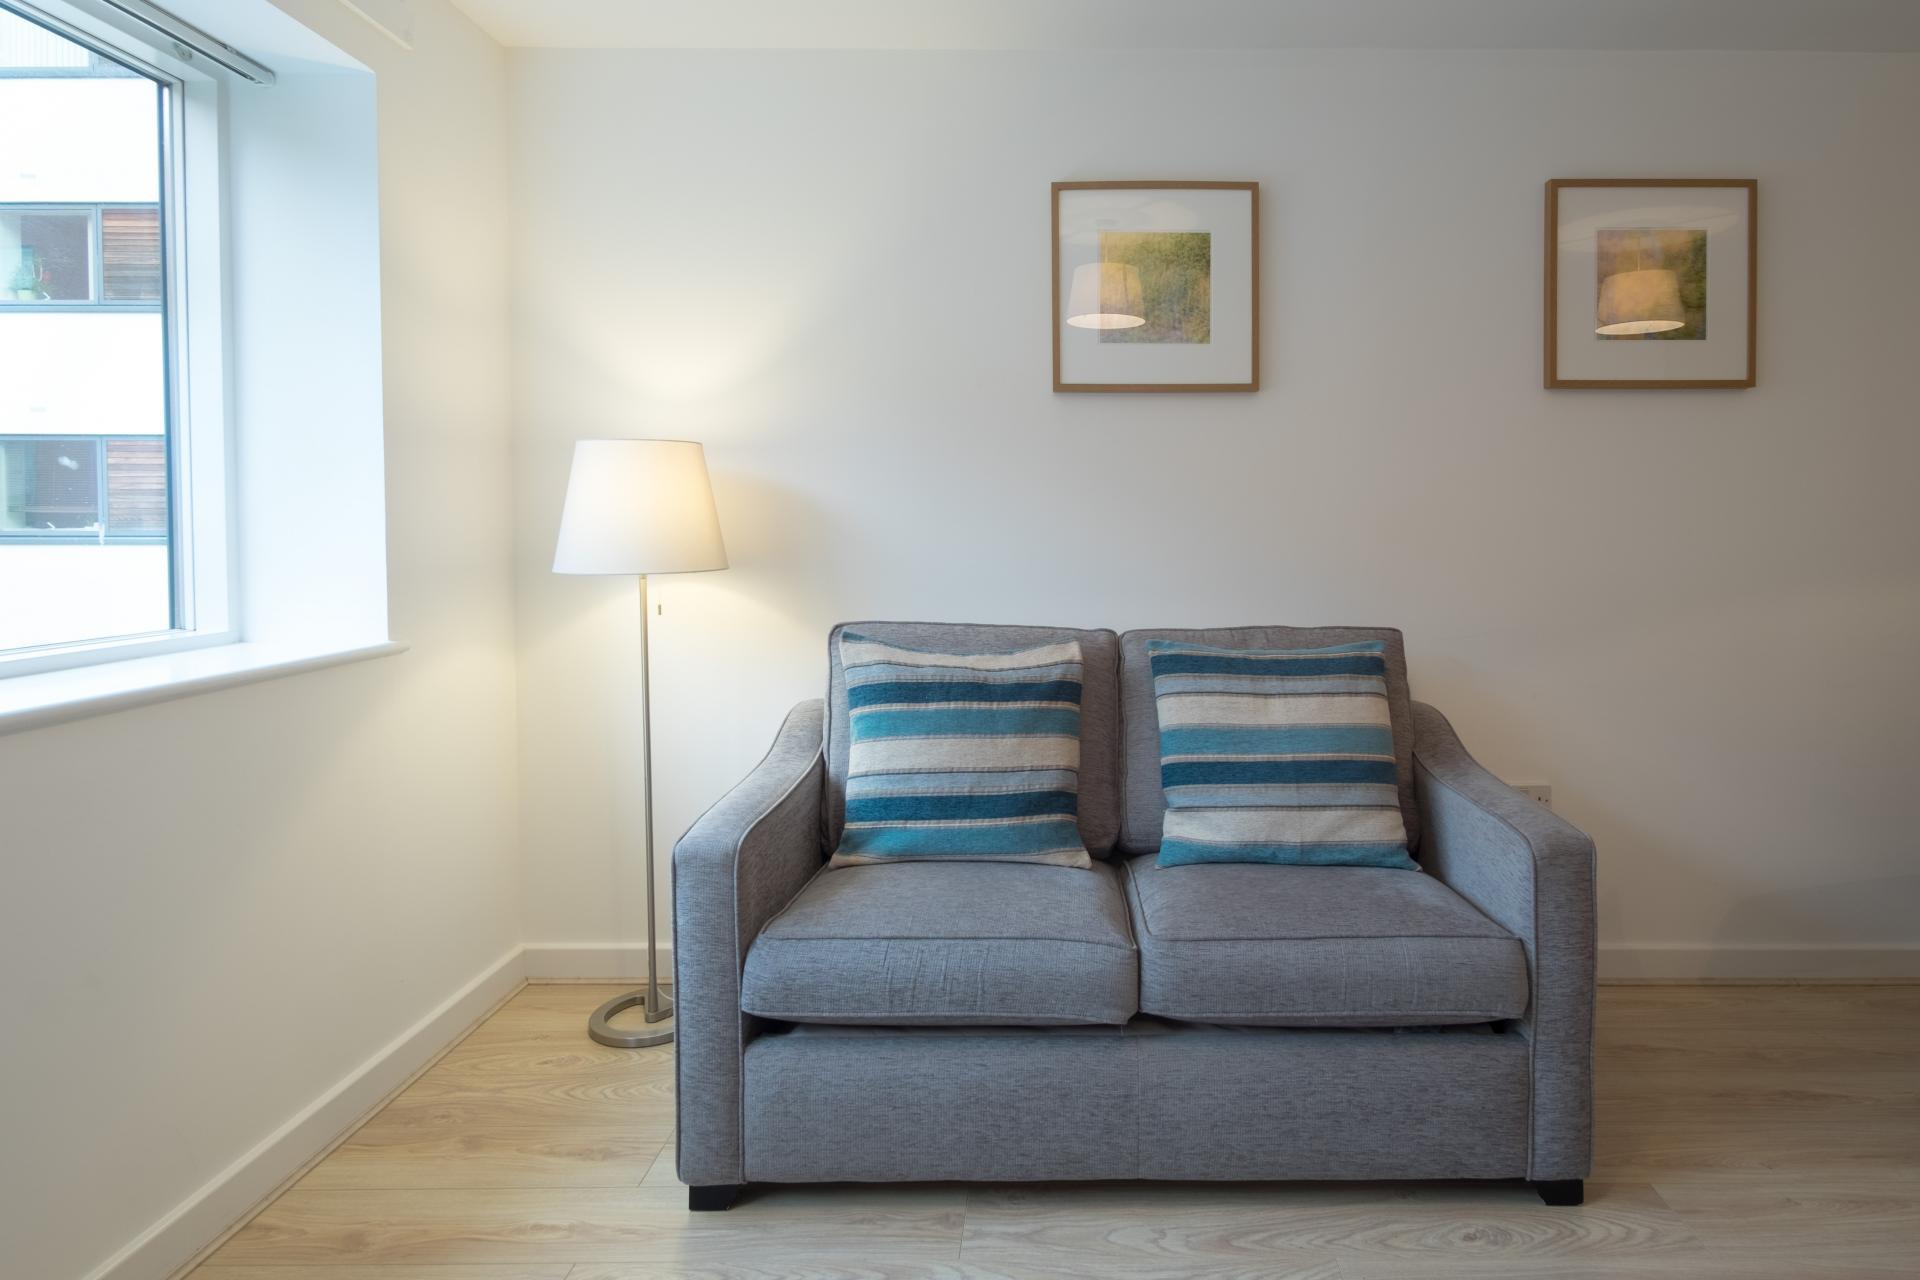 Sofa at  Ryland Street Apartment - Citybase Apartments